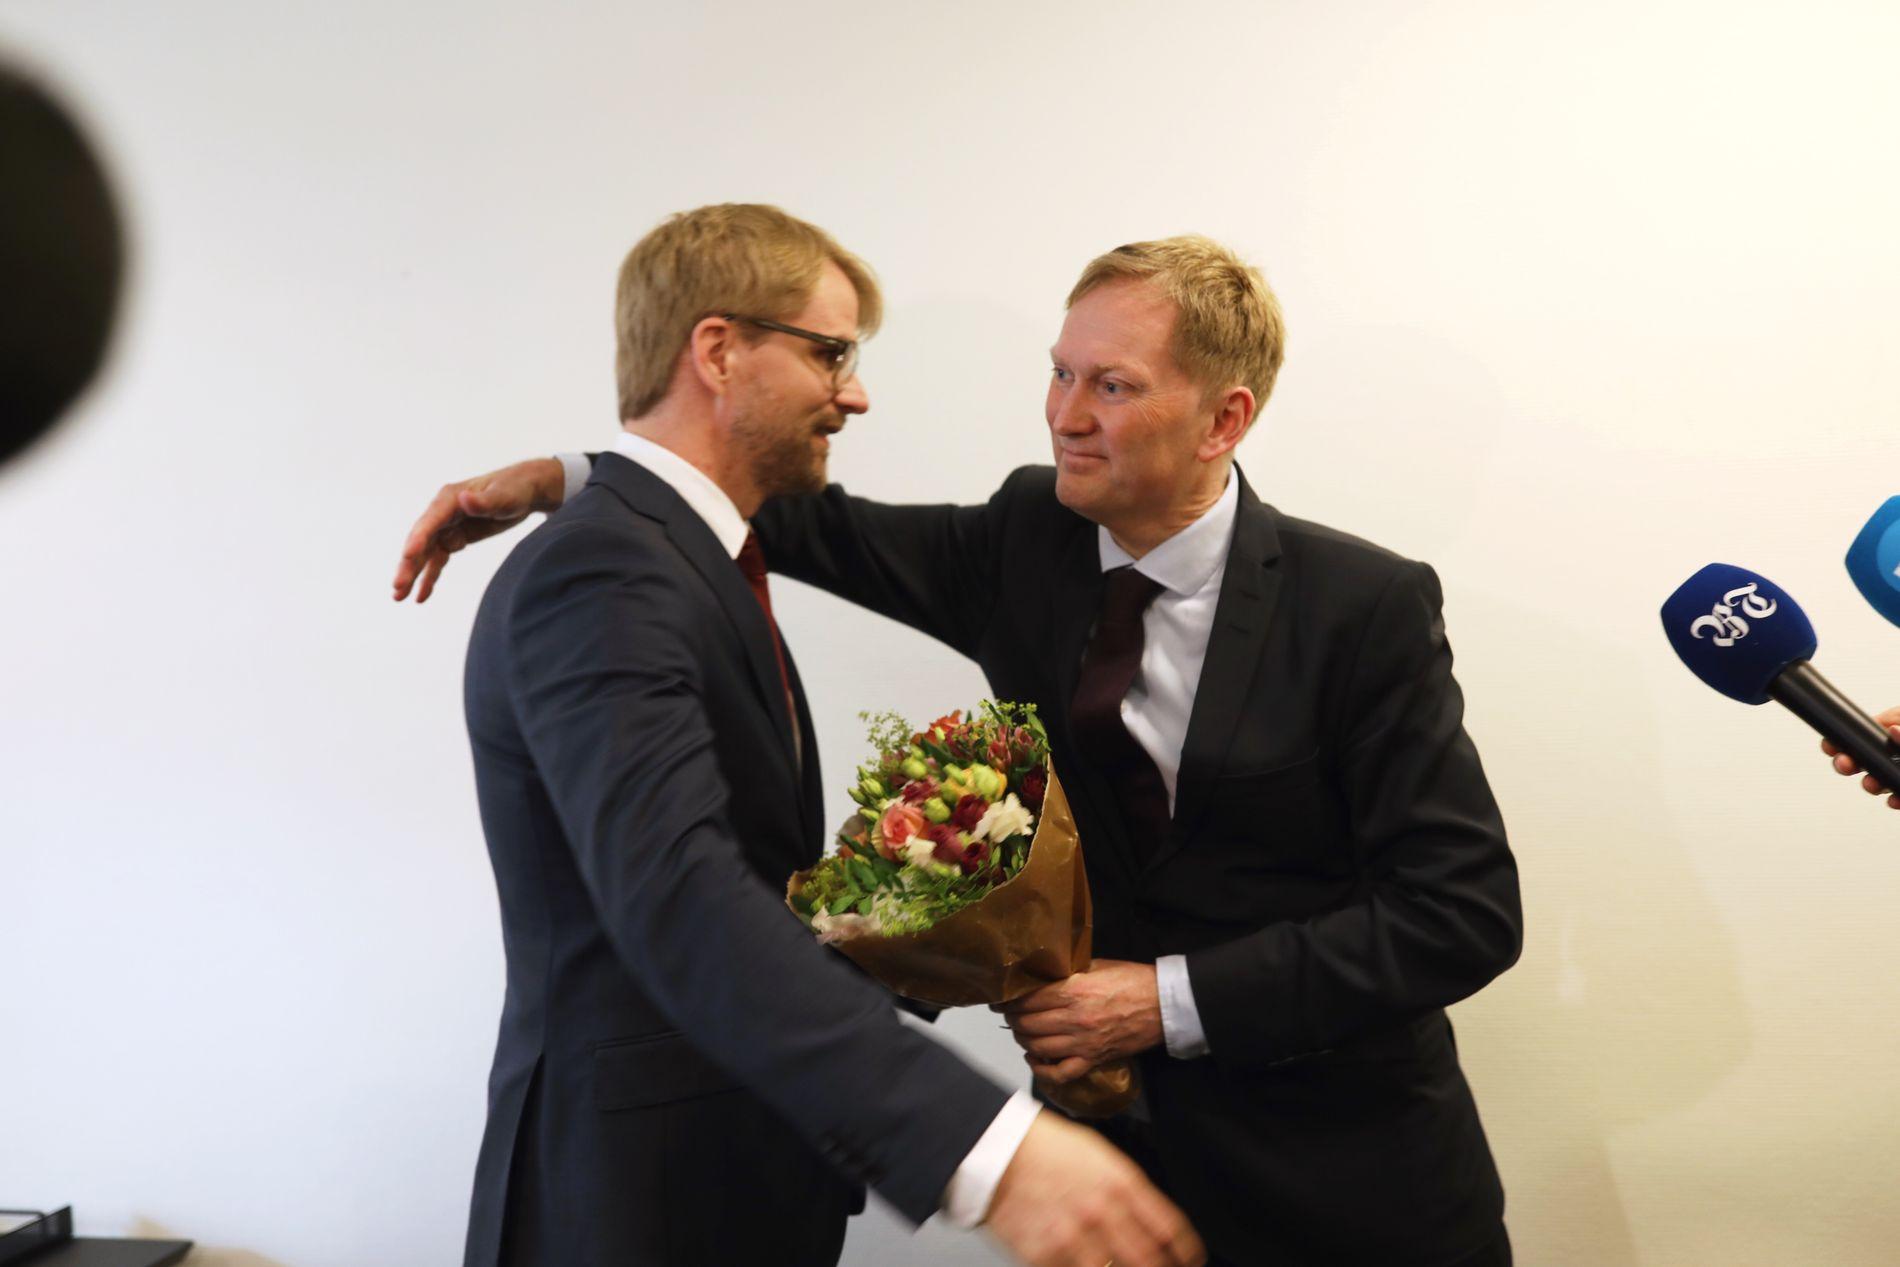 VAKTBYTTE: Harald Schjelderup overlater skuten til Roger Valhammer.